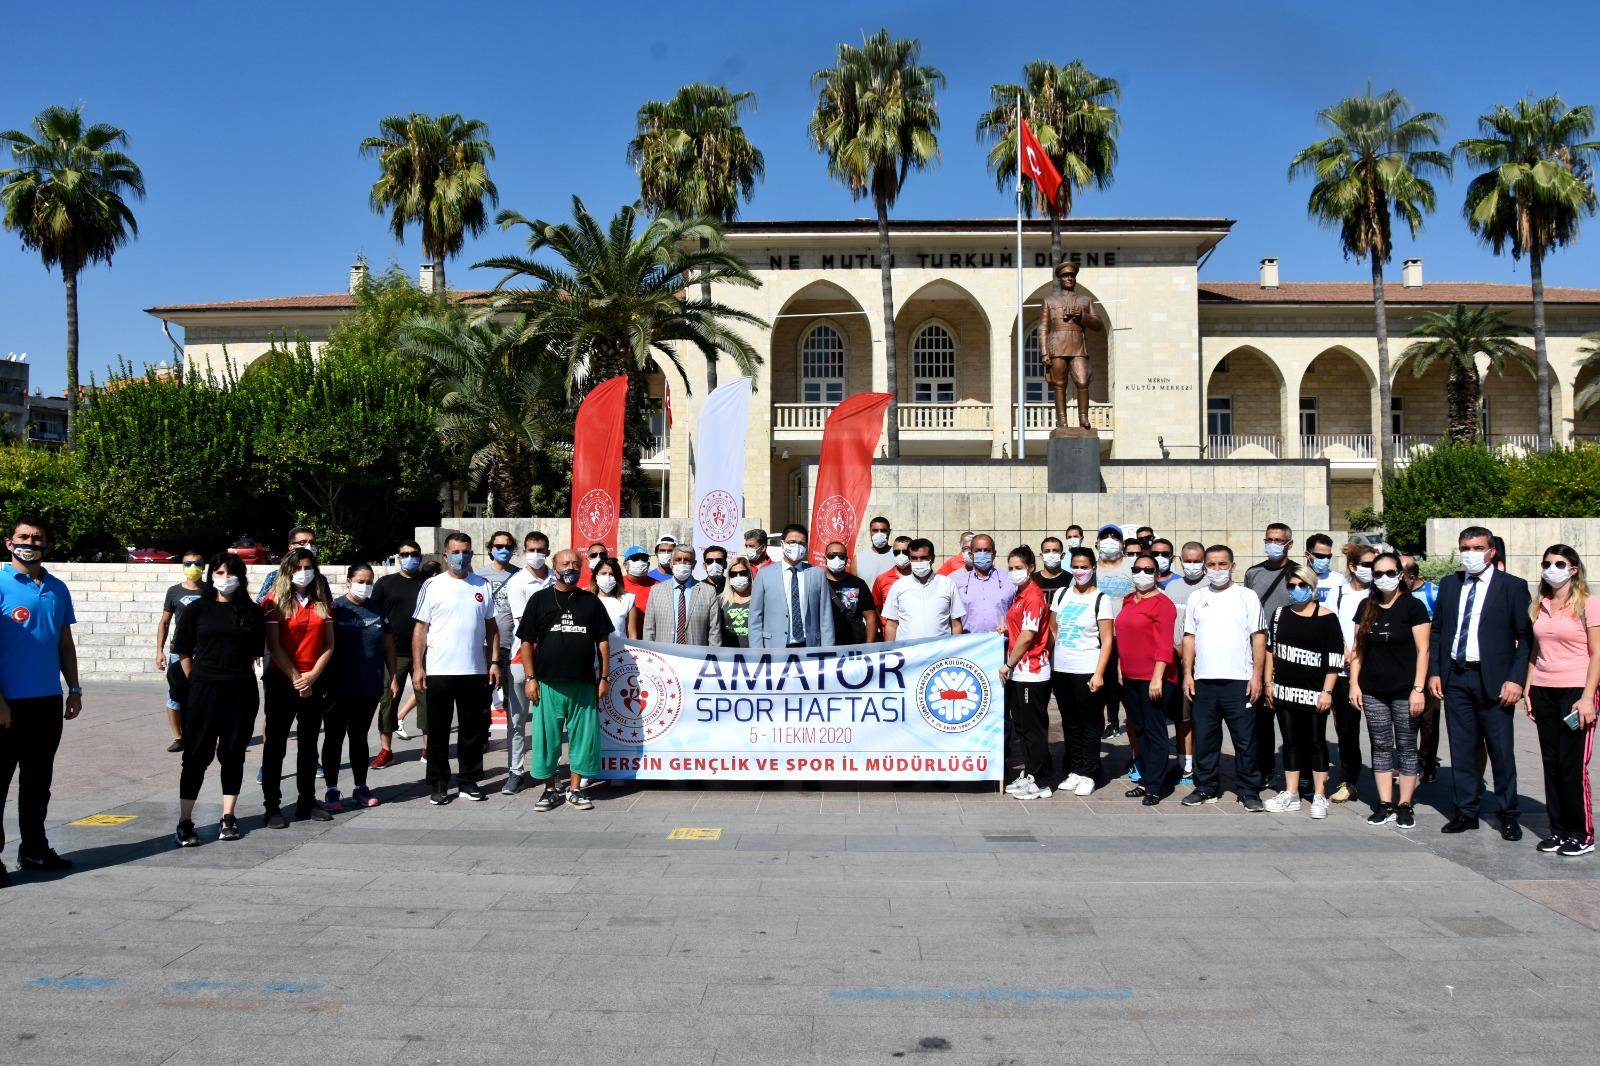 Amatör Spor Haftası Mersin'de başladı